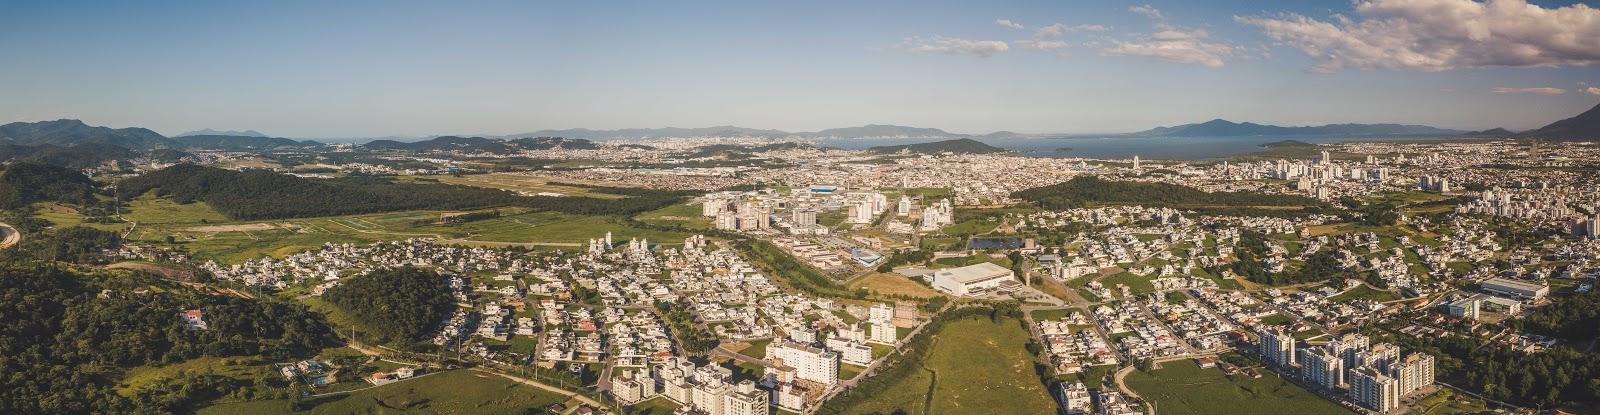 foto da Cidade Pedra Branca em 2020, com vista panorâmica